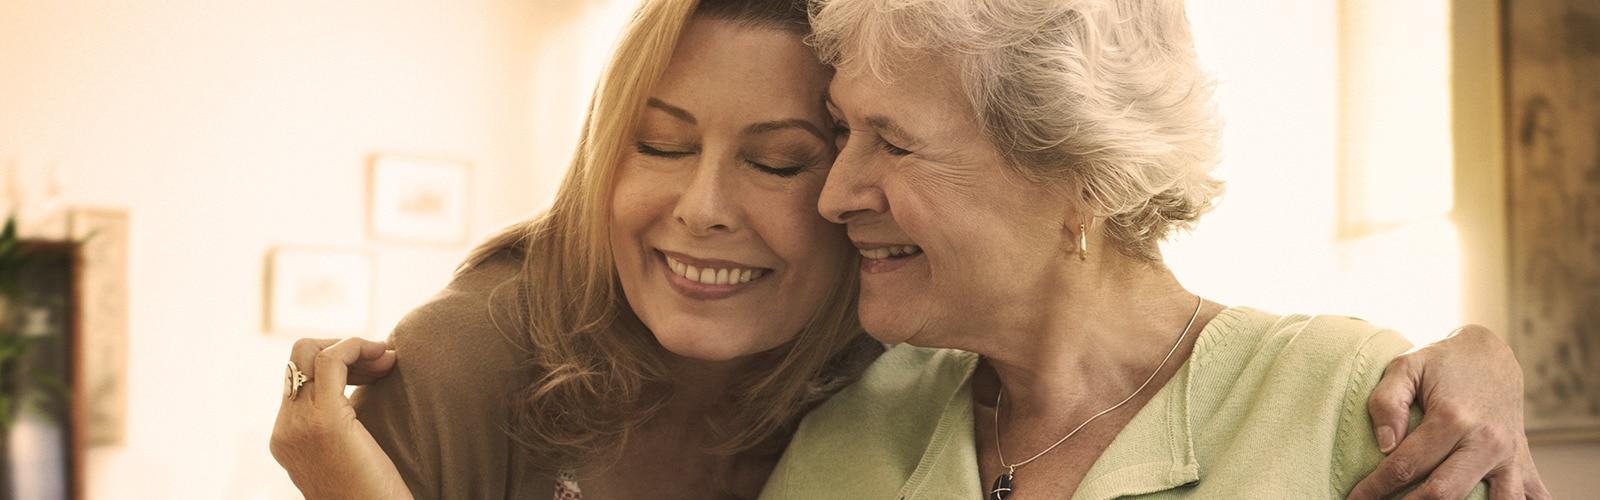 Žena v seniorskom veku objíma mladšiu ženu – príprava na úlohu opatrovateľa